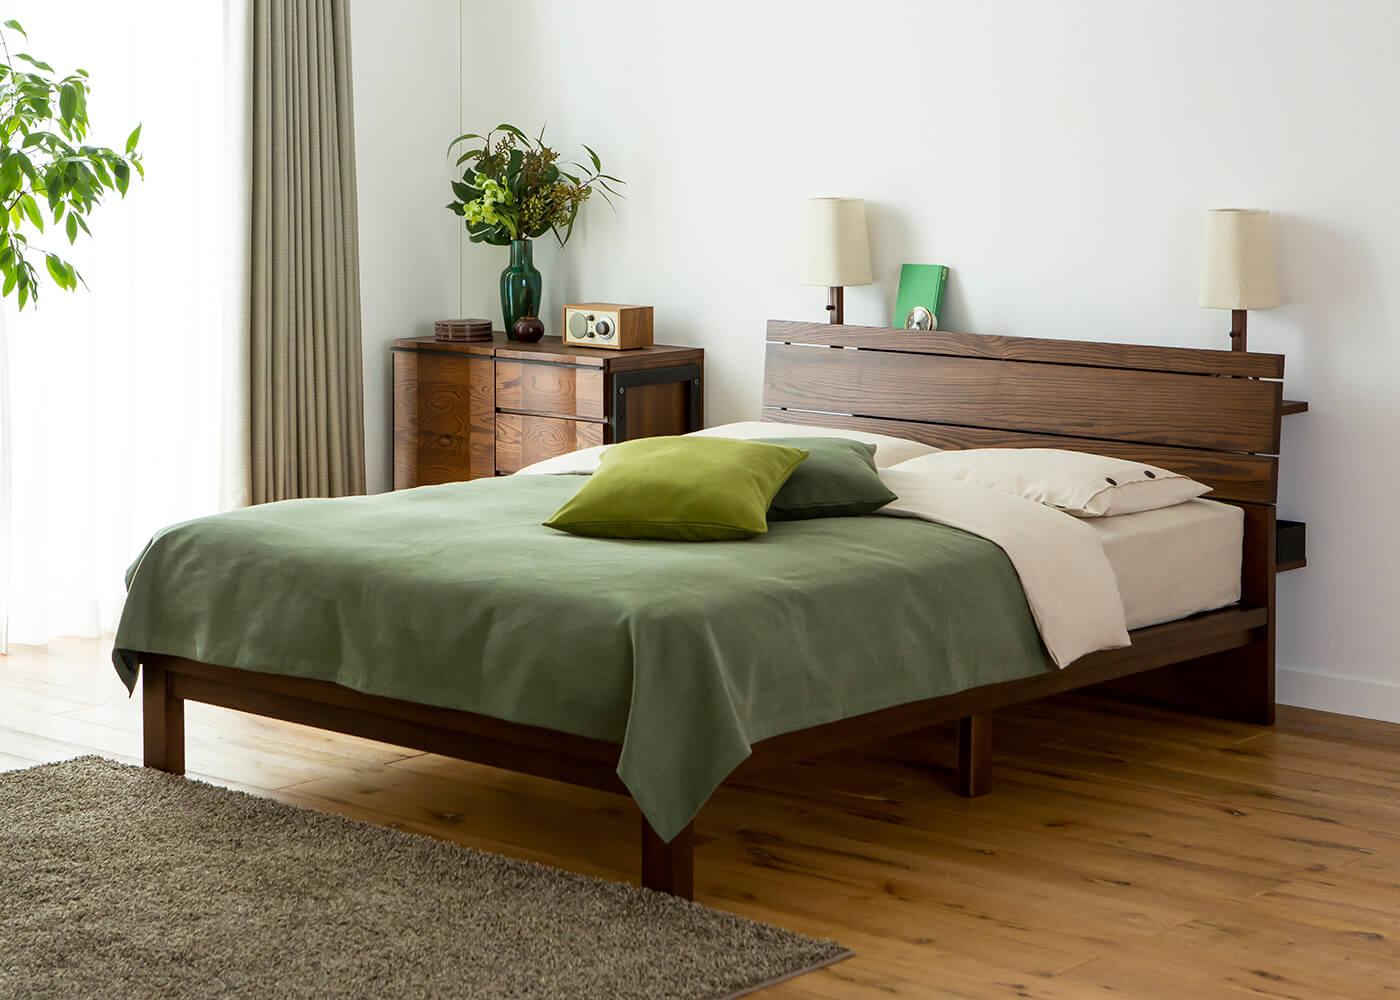 ムク・ベッド